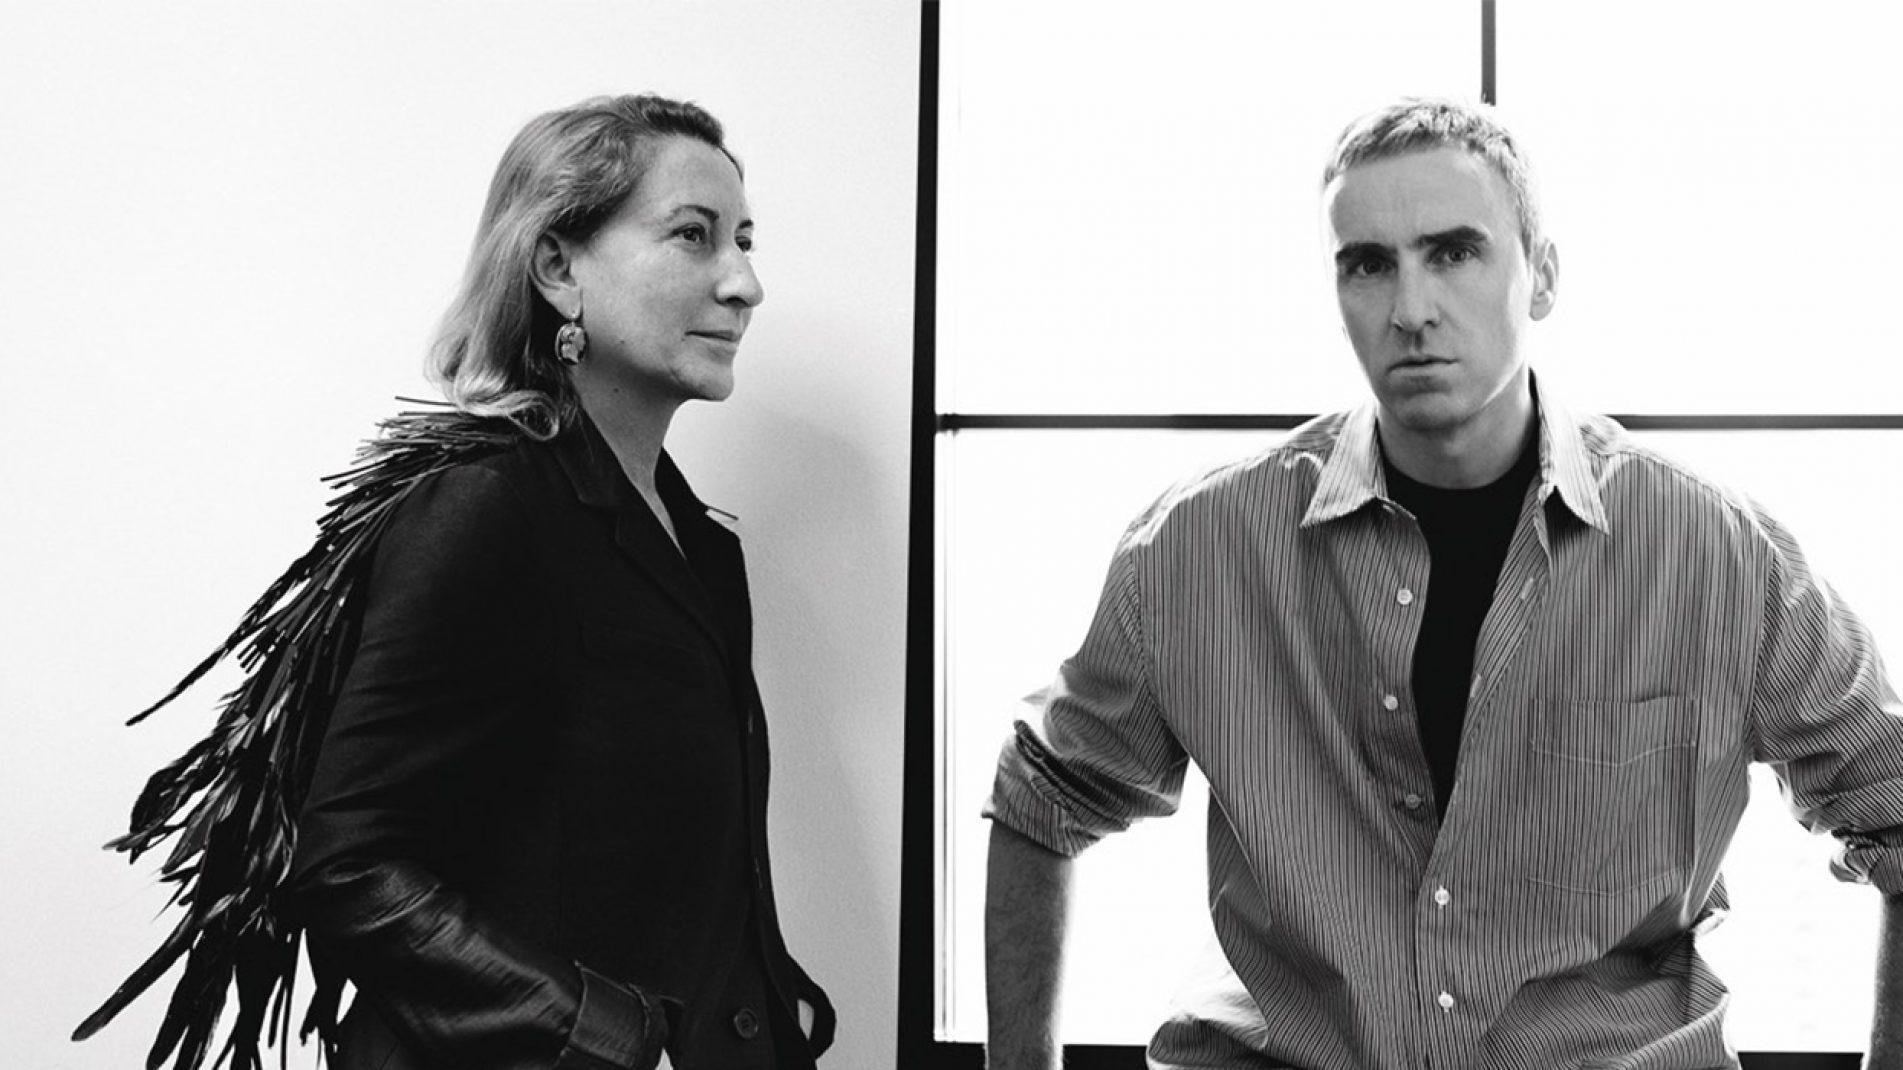 PRADA | Miuccia Prada, Raf Simons